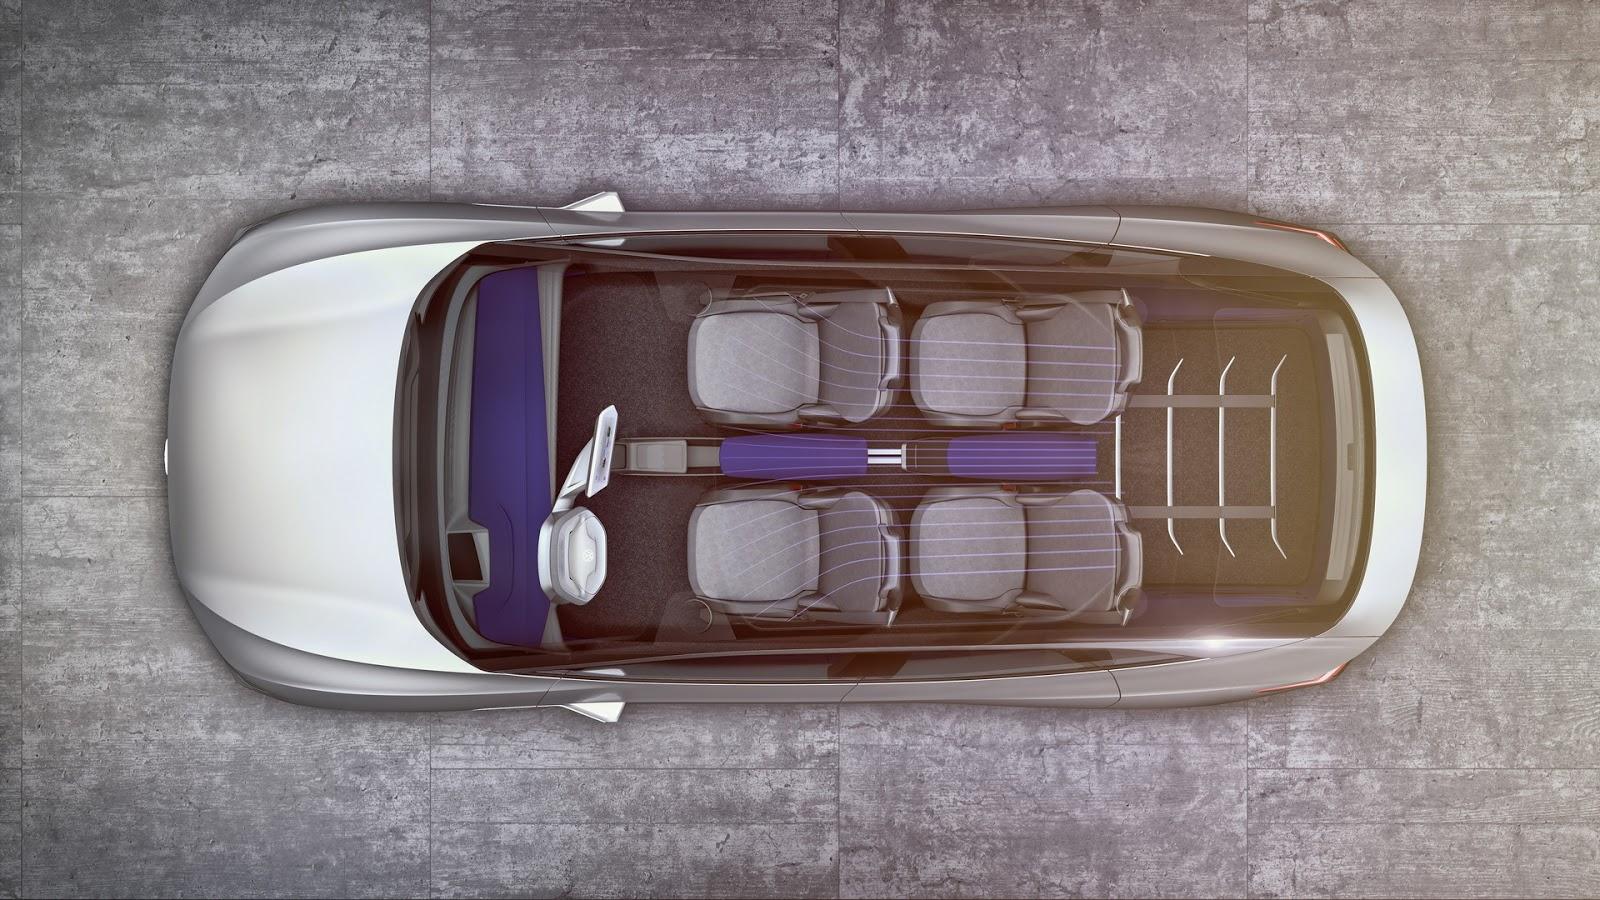 Volkswagen I.D. Crozz concept (11)